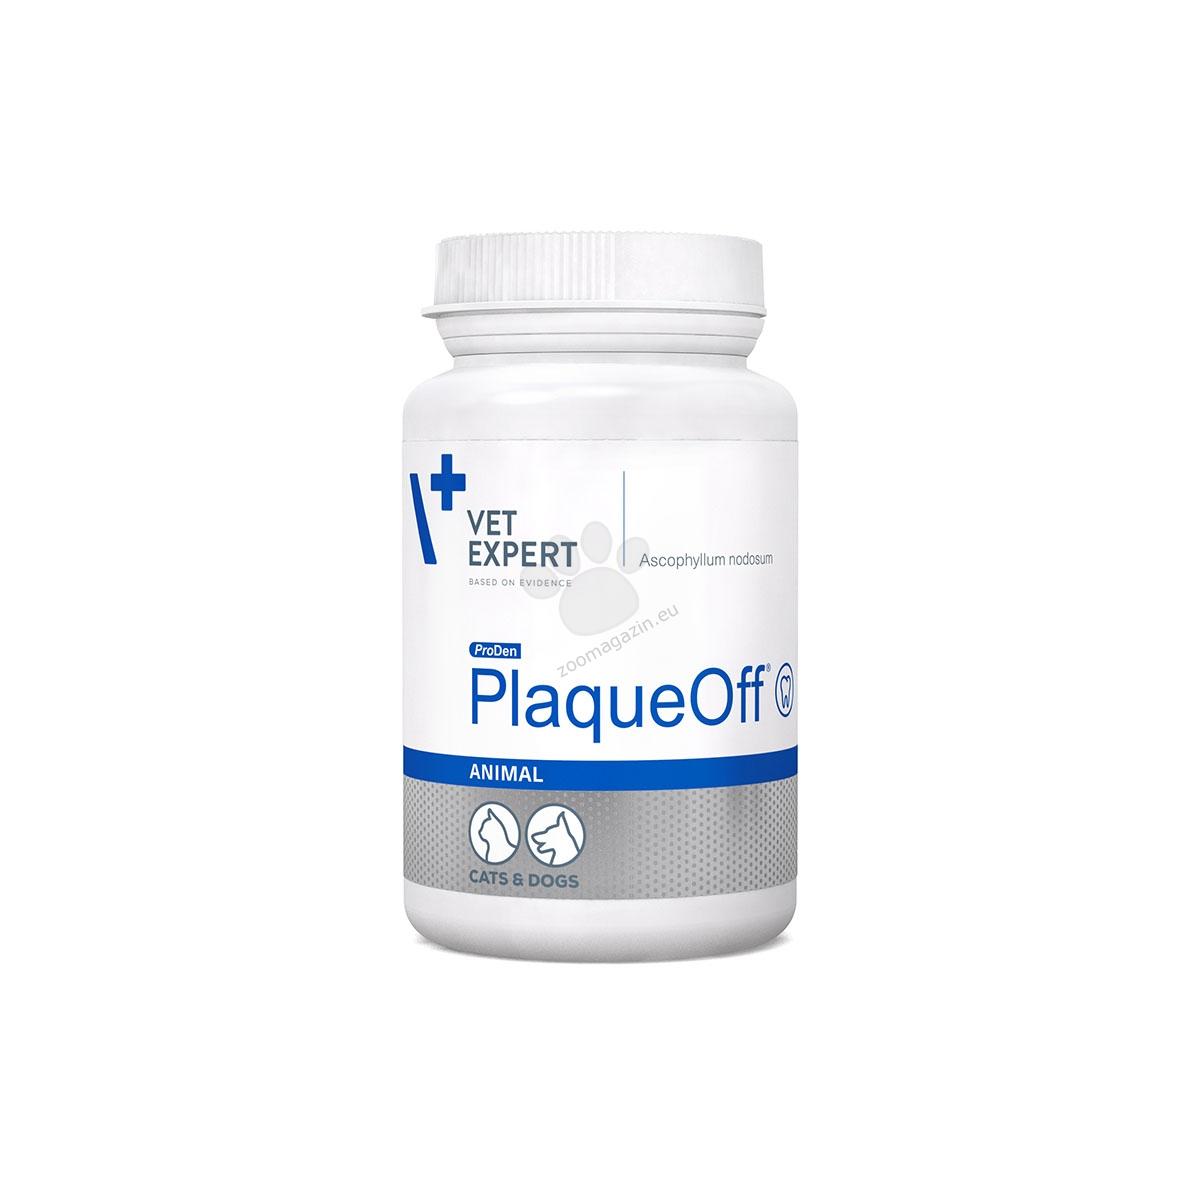 Vetexpert - PlaqueOff Animal - елиминира лошия дъх, забавя натрупването на зъбен камък и плака, патентована формула 20 гр.